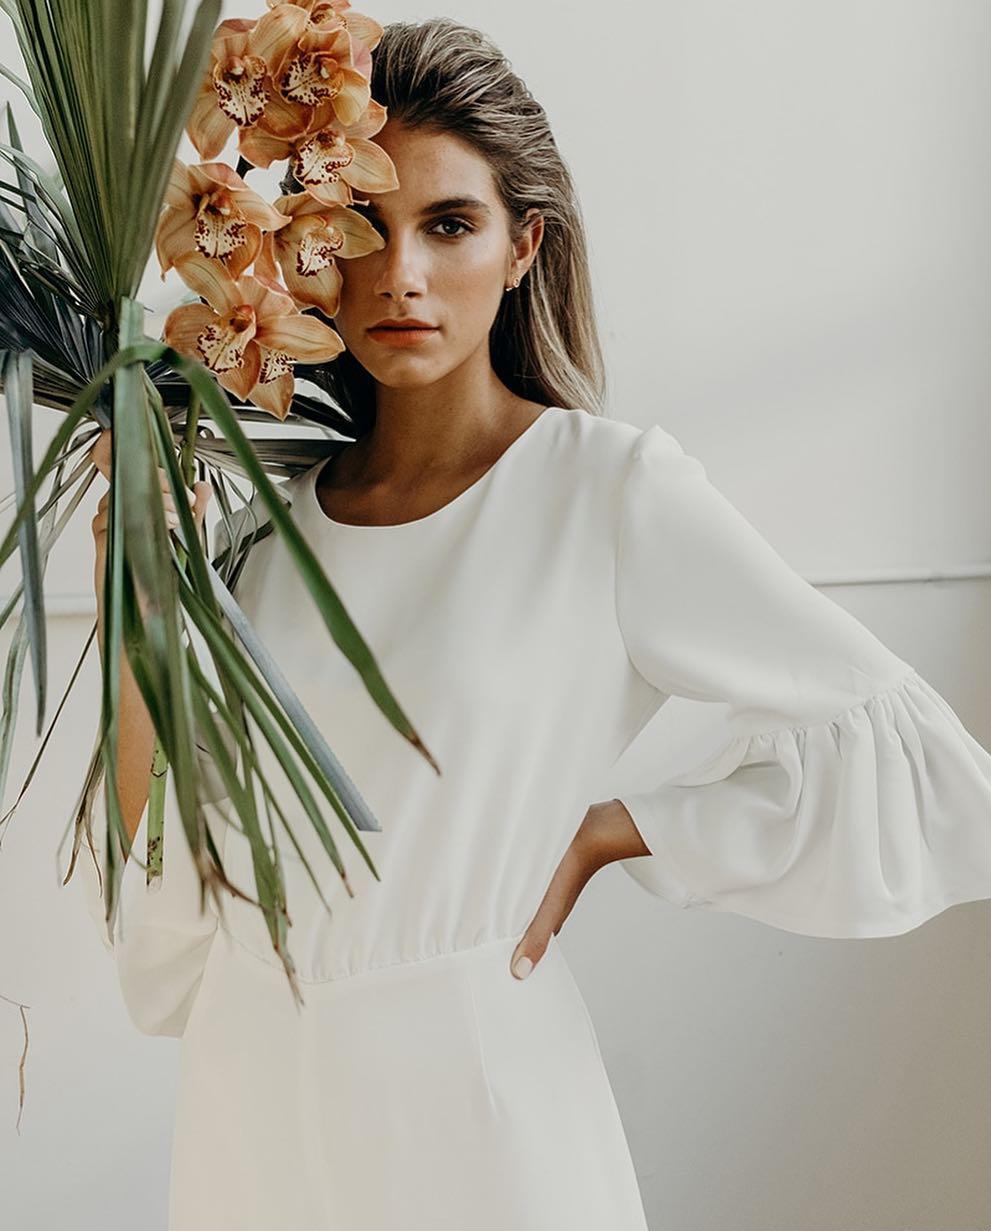 Lena Medoyeff